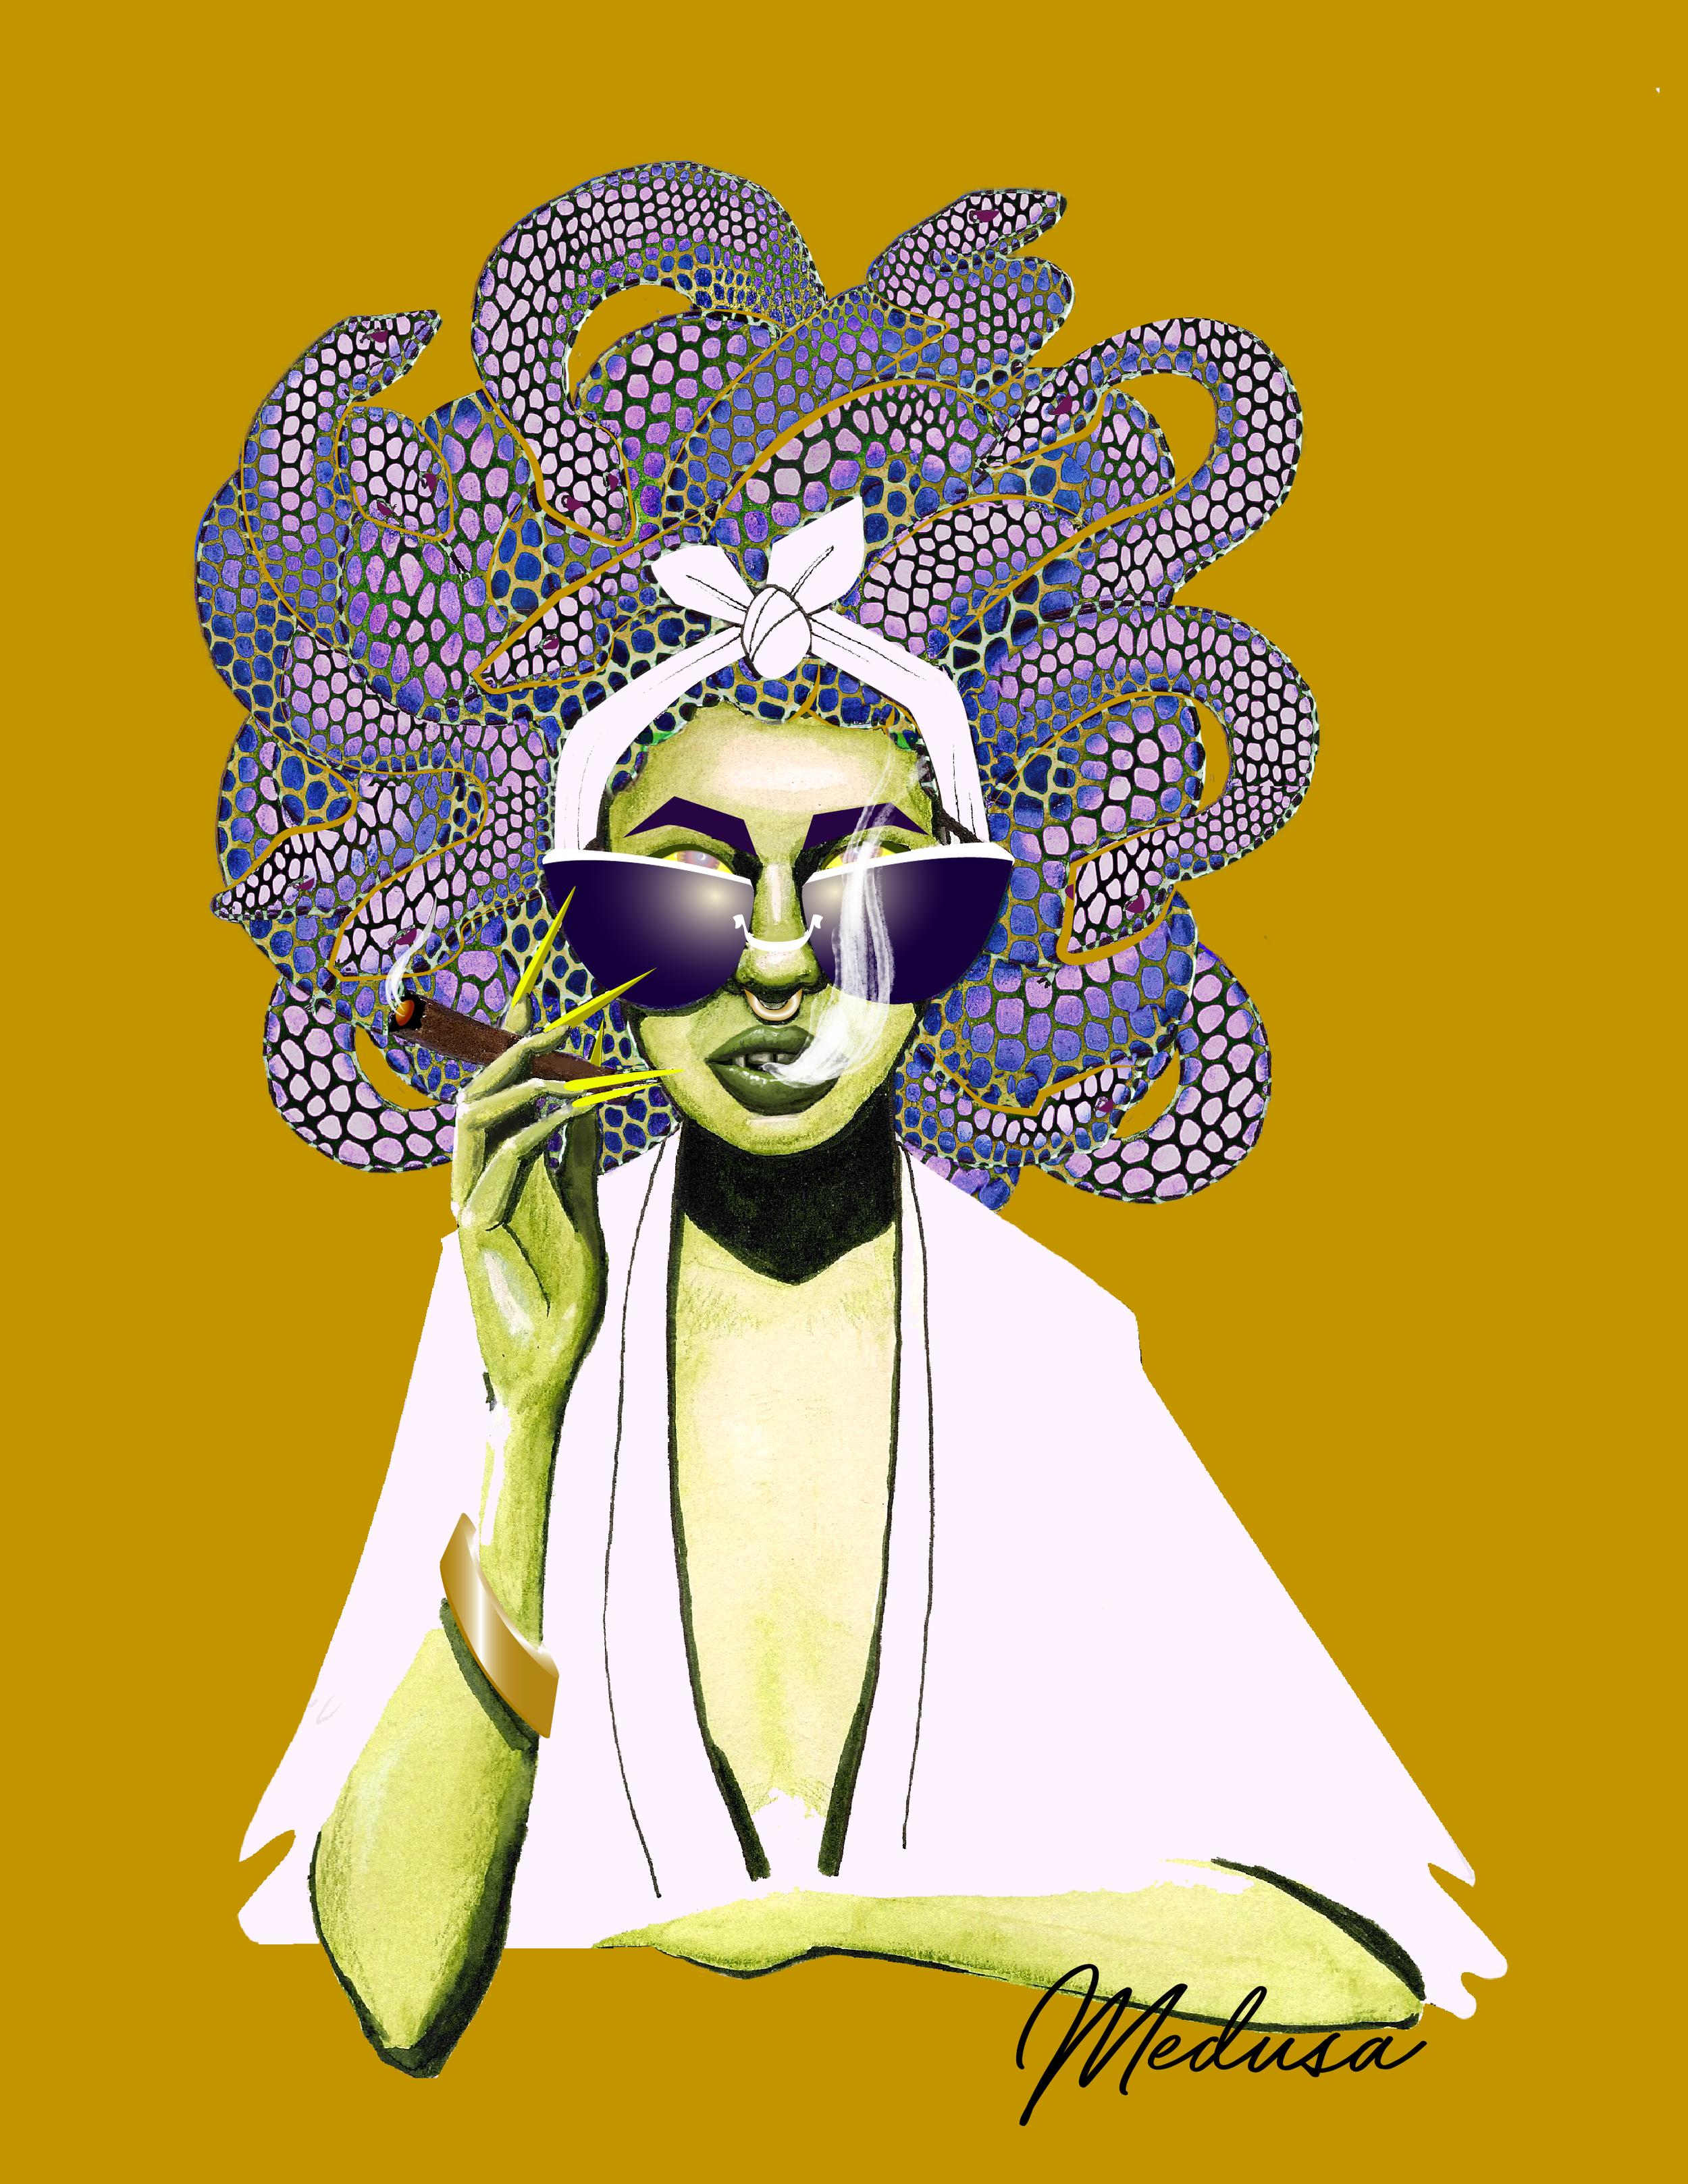 Medusa_Final-01.png